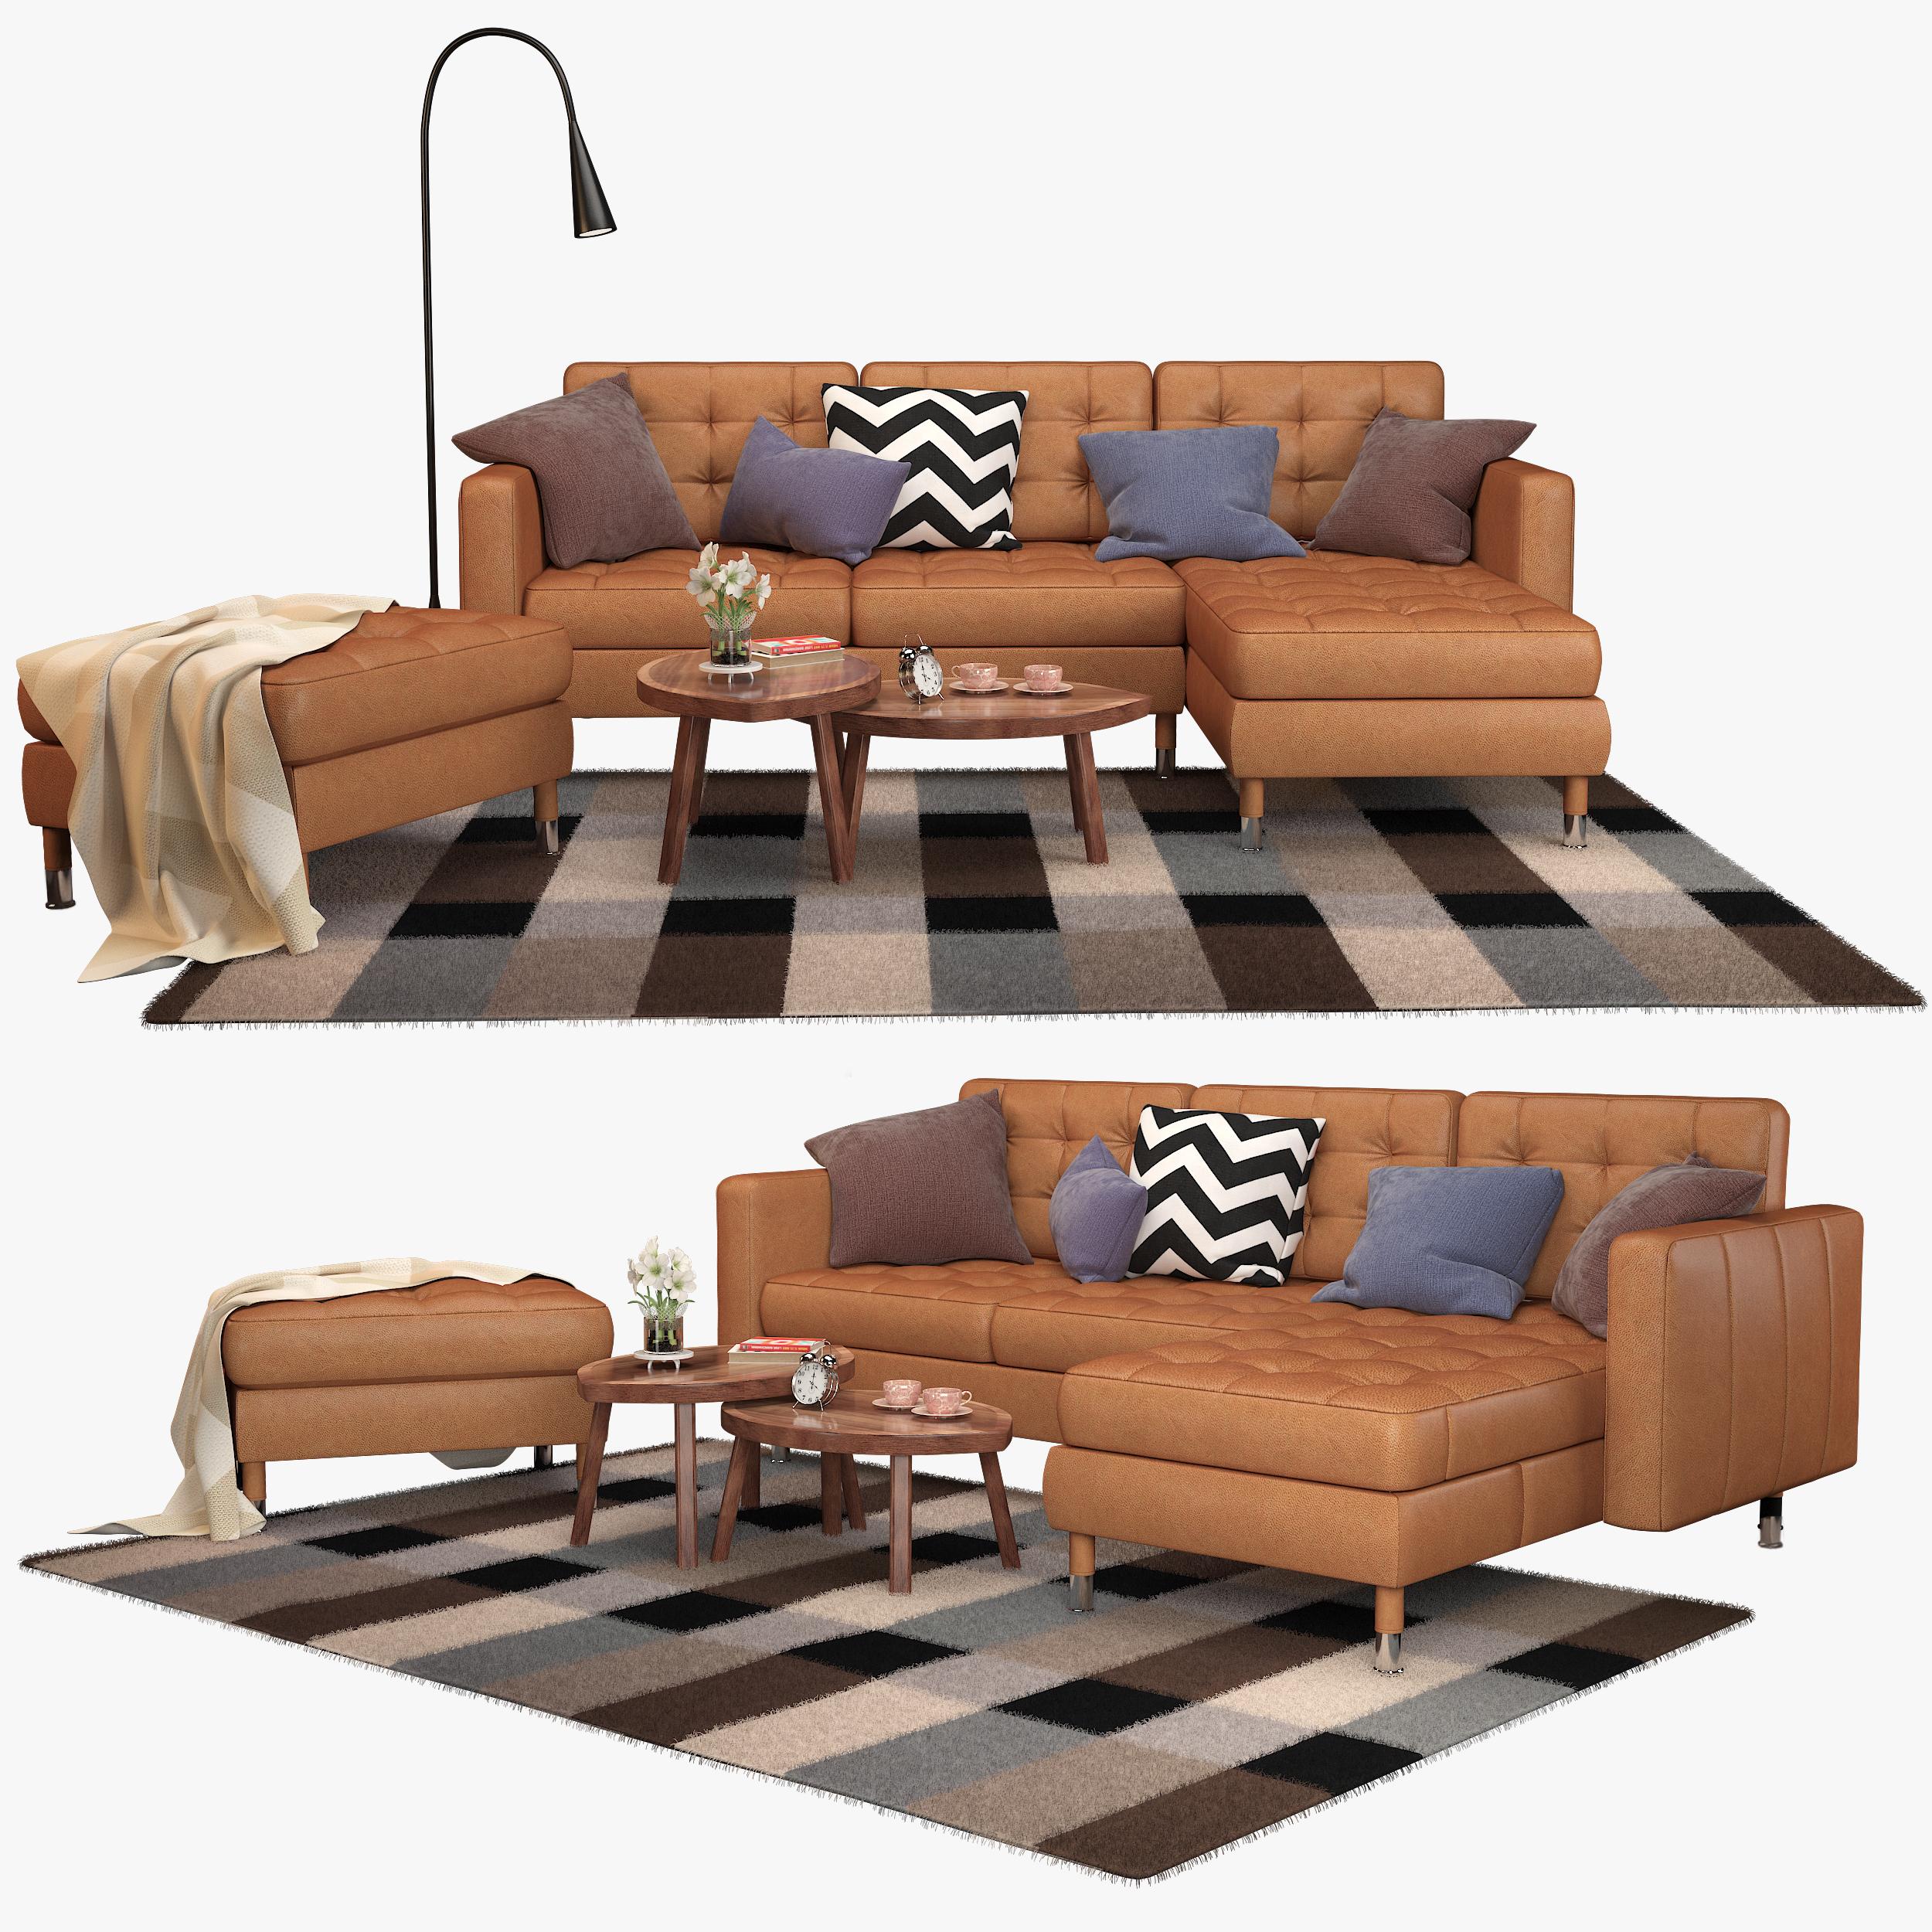 Ikea Landskrona Sofa With Delaktig Led Lamp And Stockholm Set Of Tables